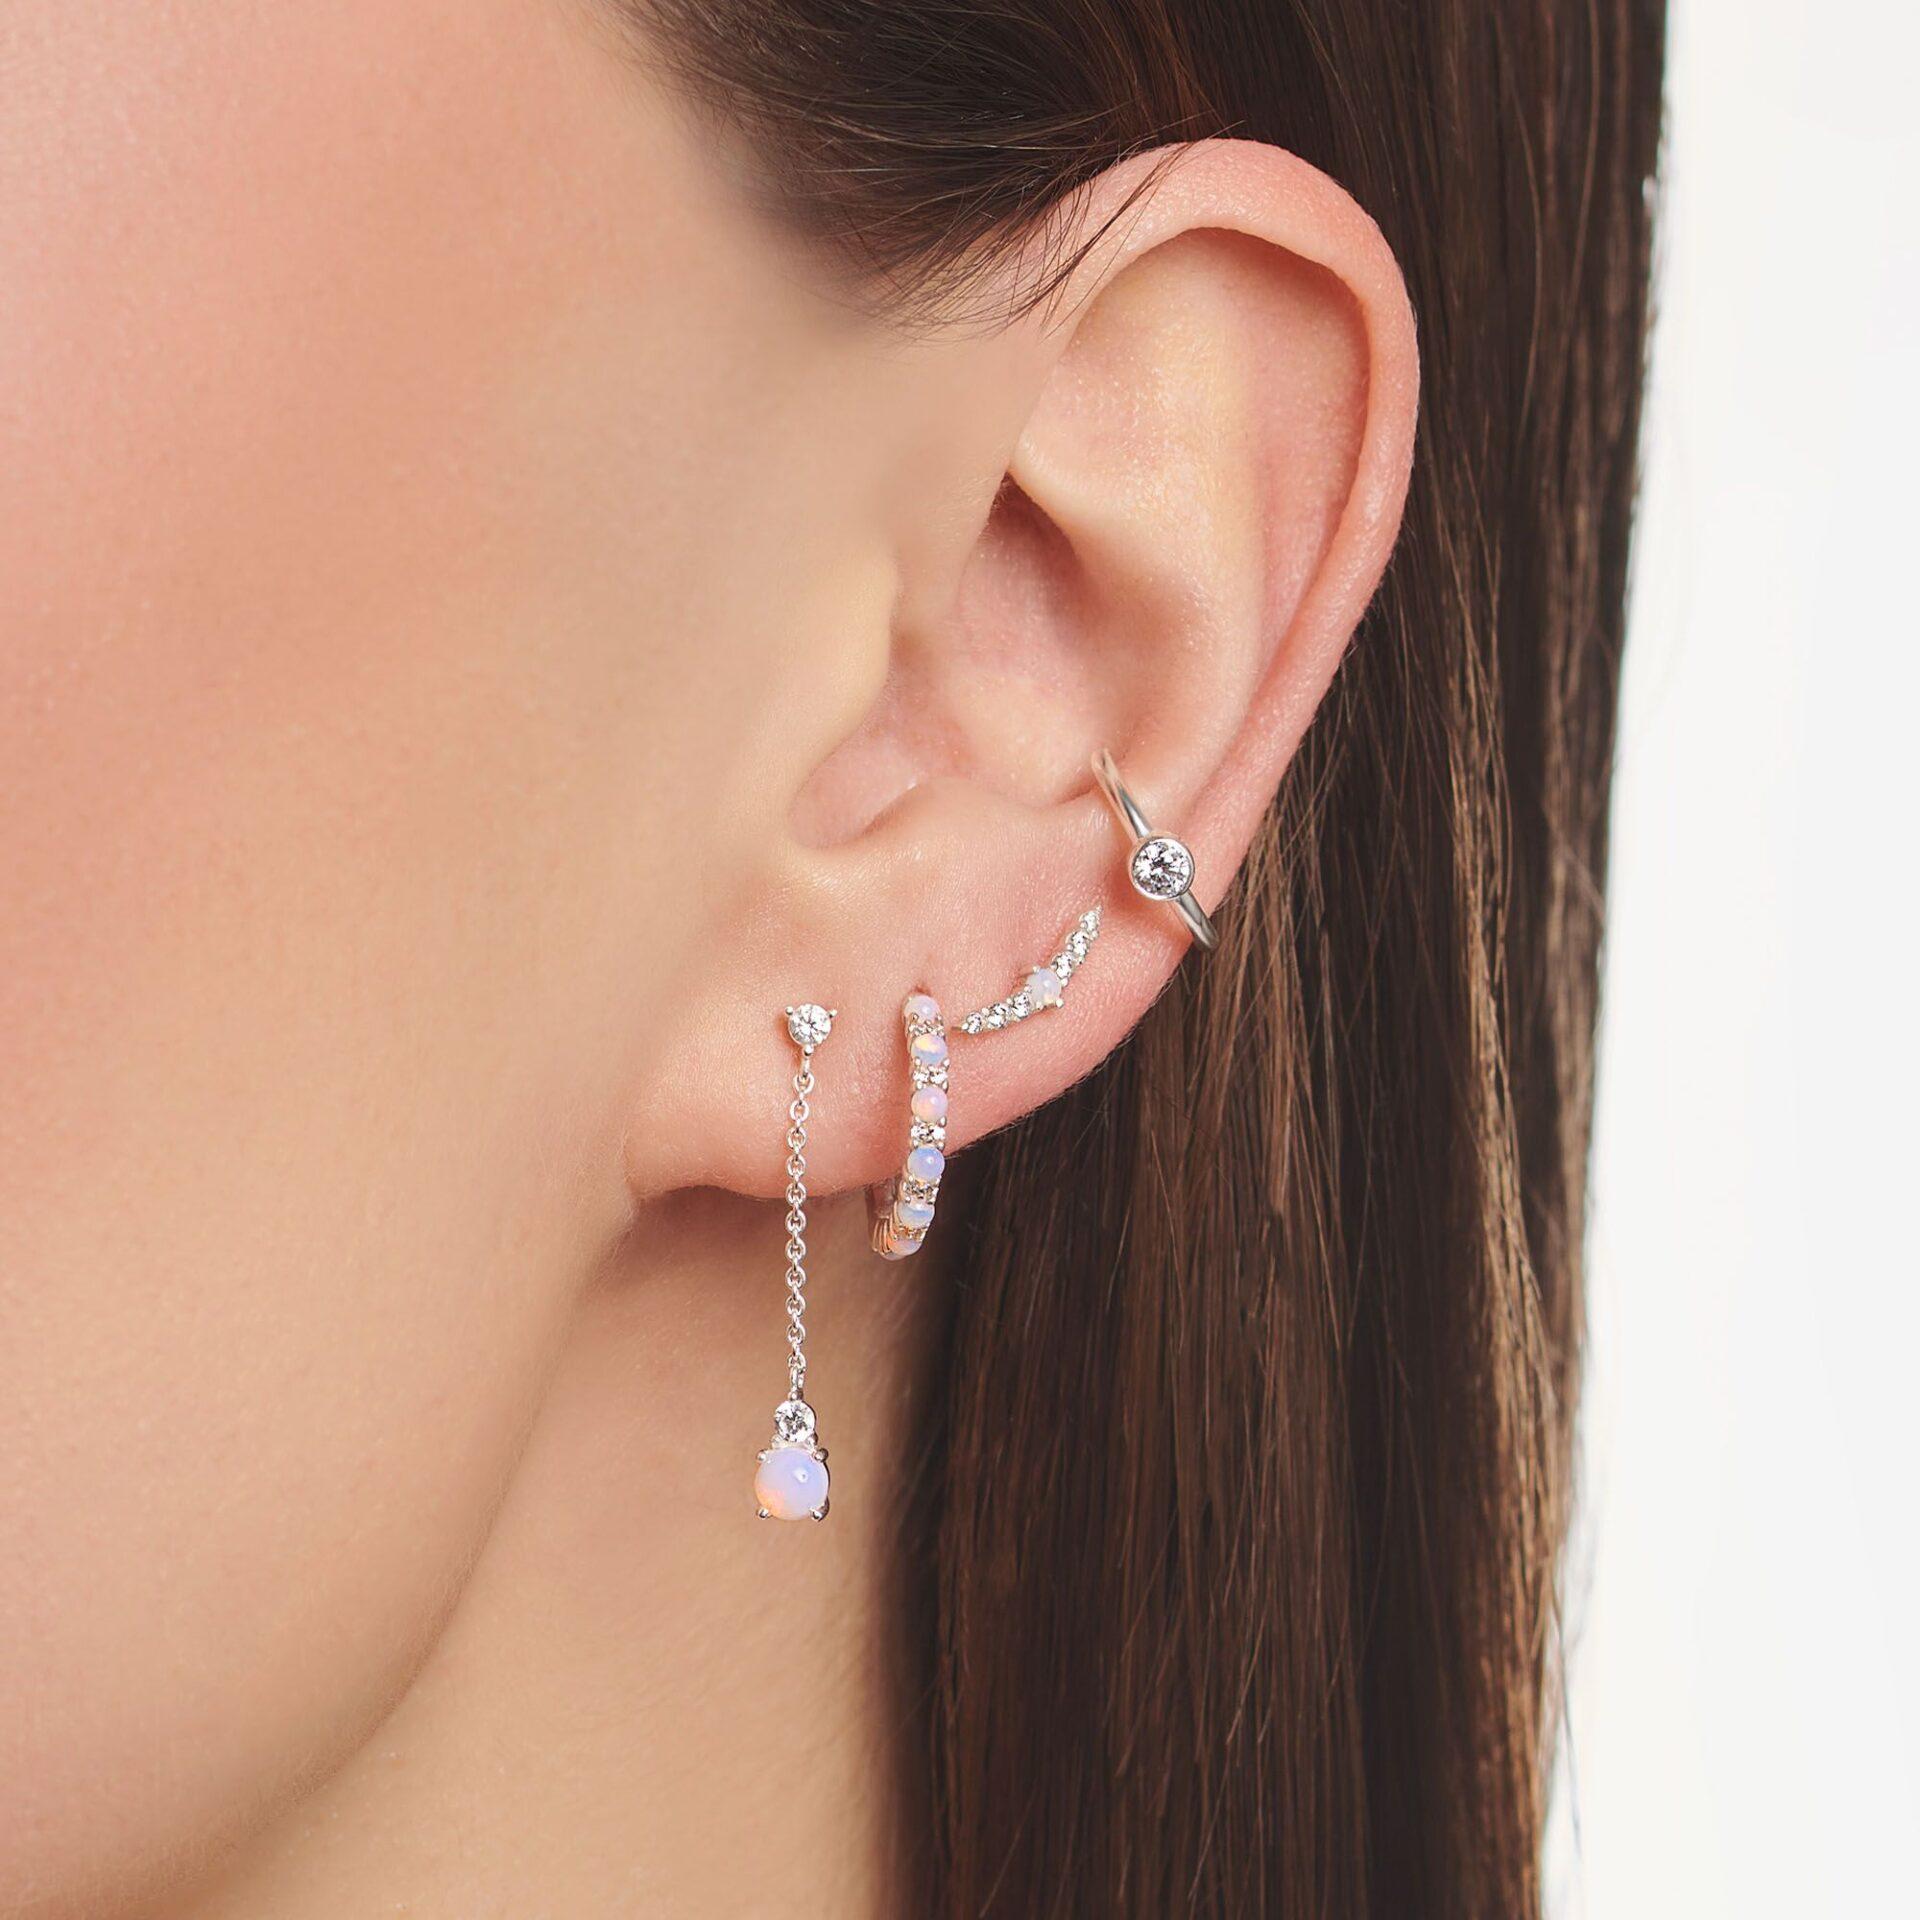 Boucle d'oreille unique, pierres blanches et opal, Thomas Sabo